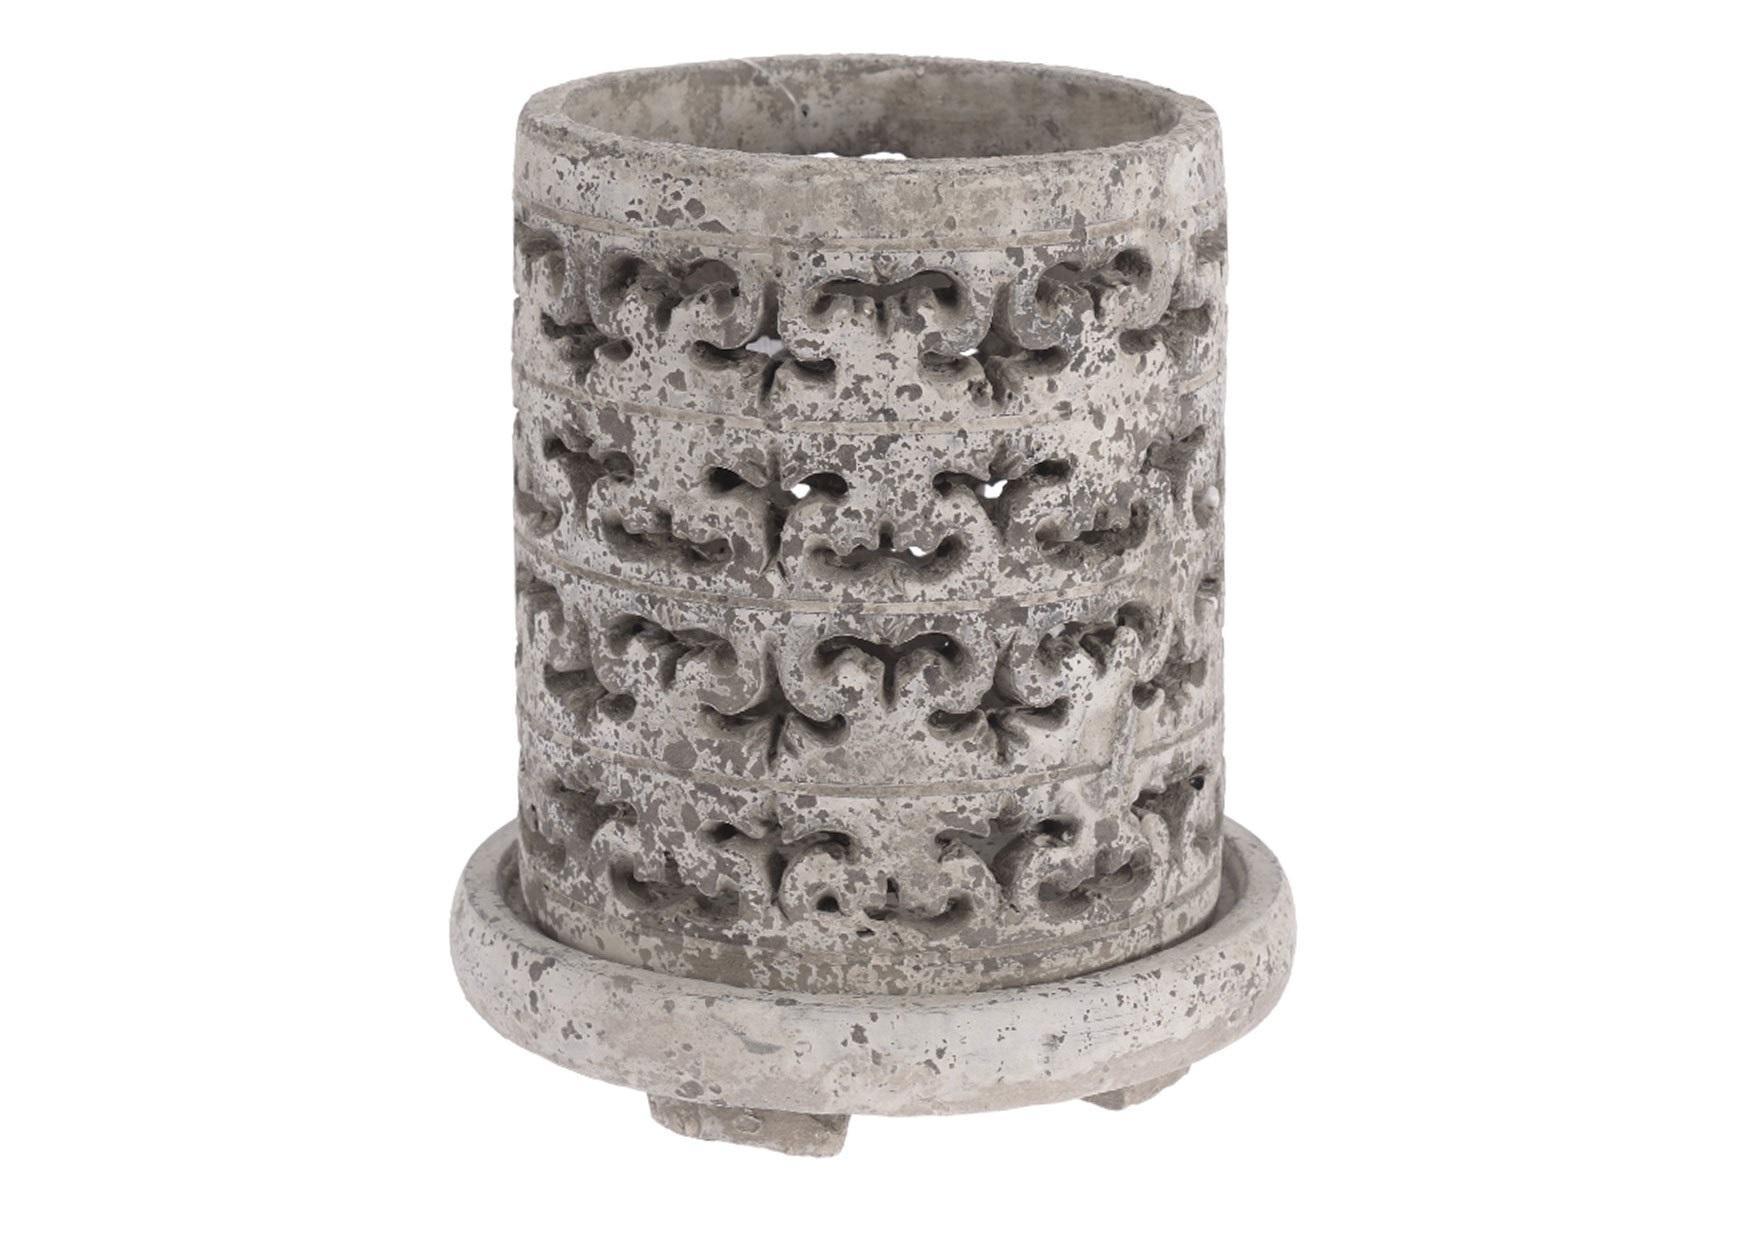 Подсвечник La CarlotaПодсвечники<br><br><br>Material: Керамика